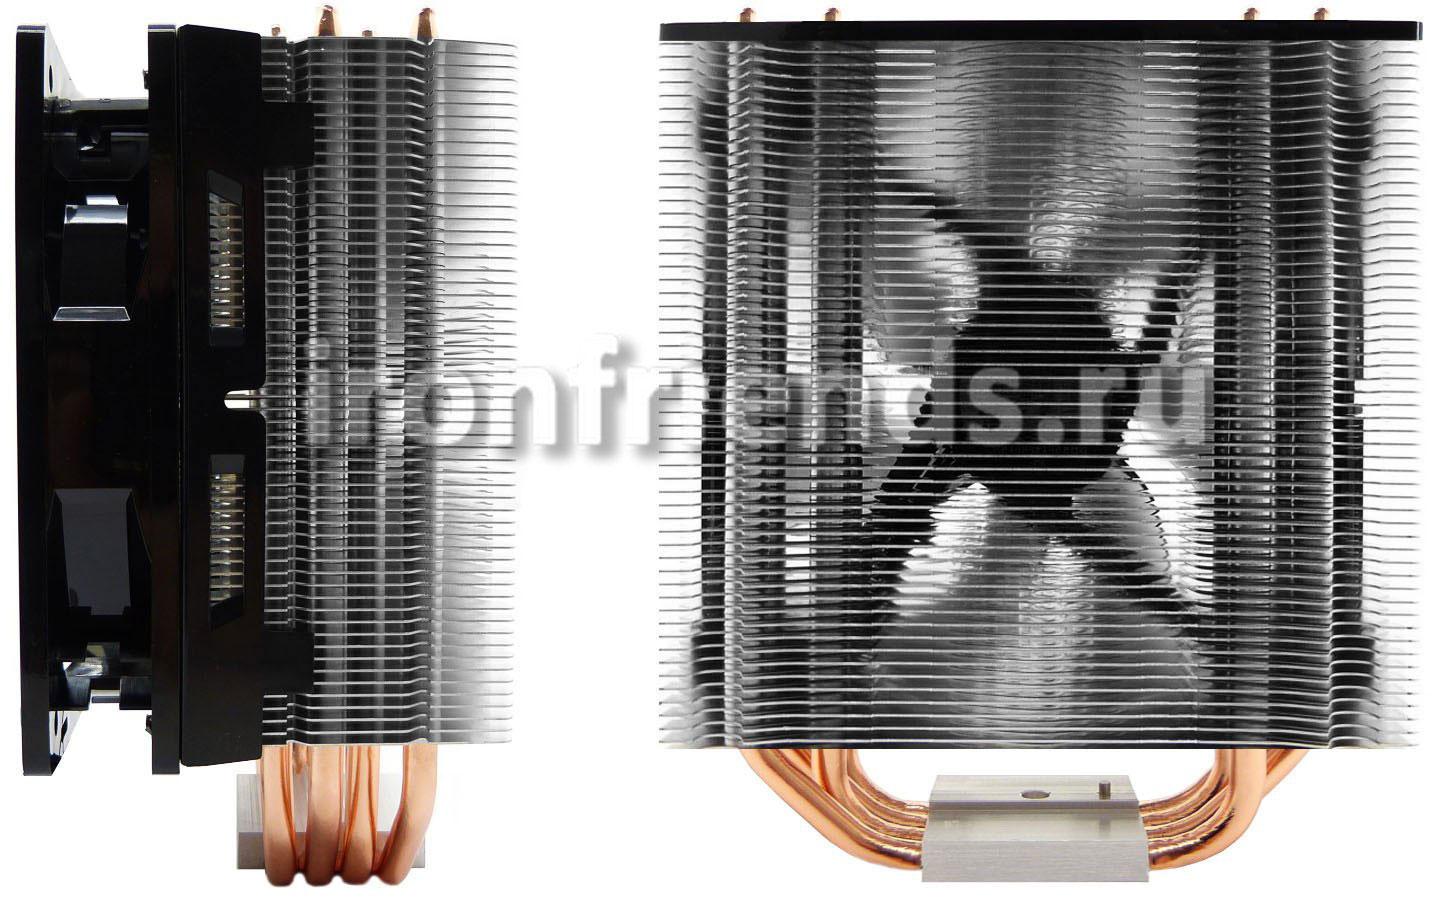 Радиатор из тонких алюминиевых пластин